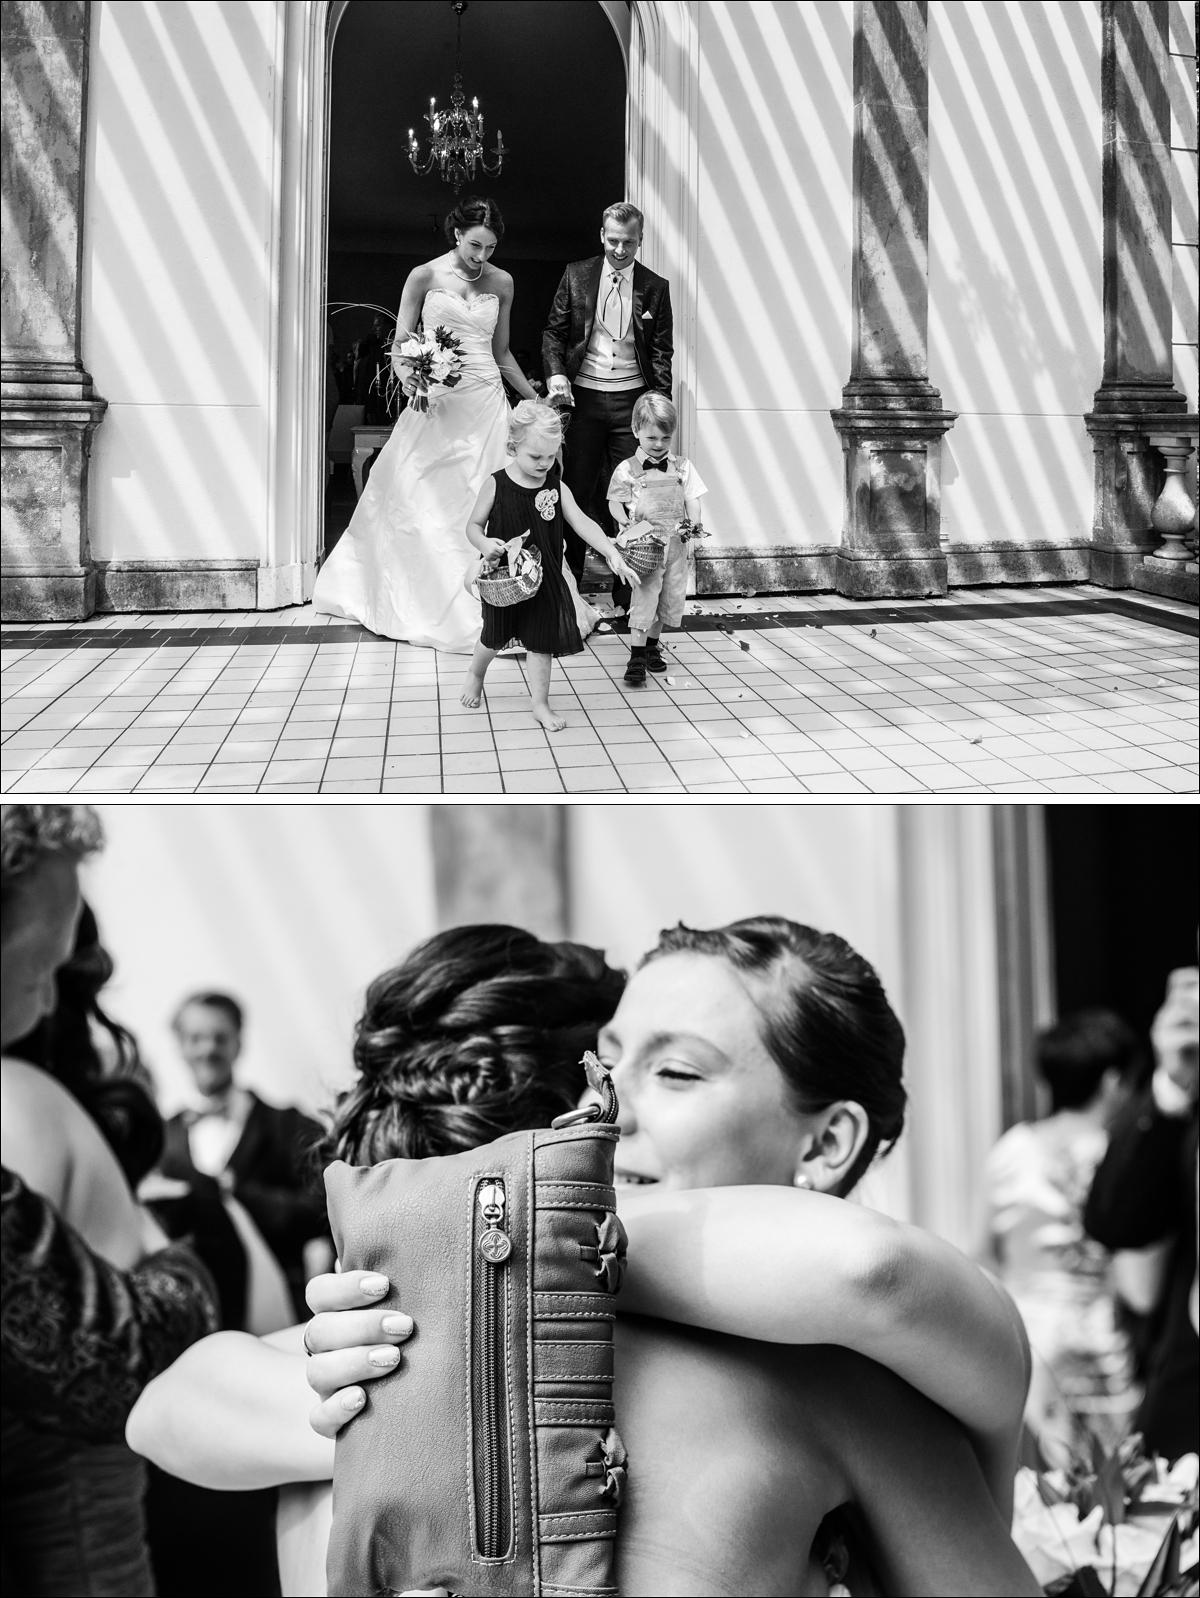 Hochzeitsfotograf Berlin Hochzeitsreportage auf Schloss Steinhoefel